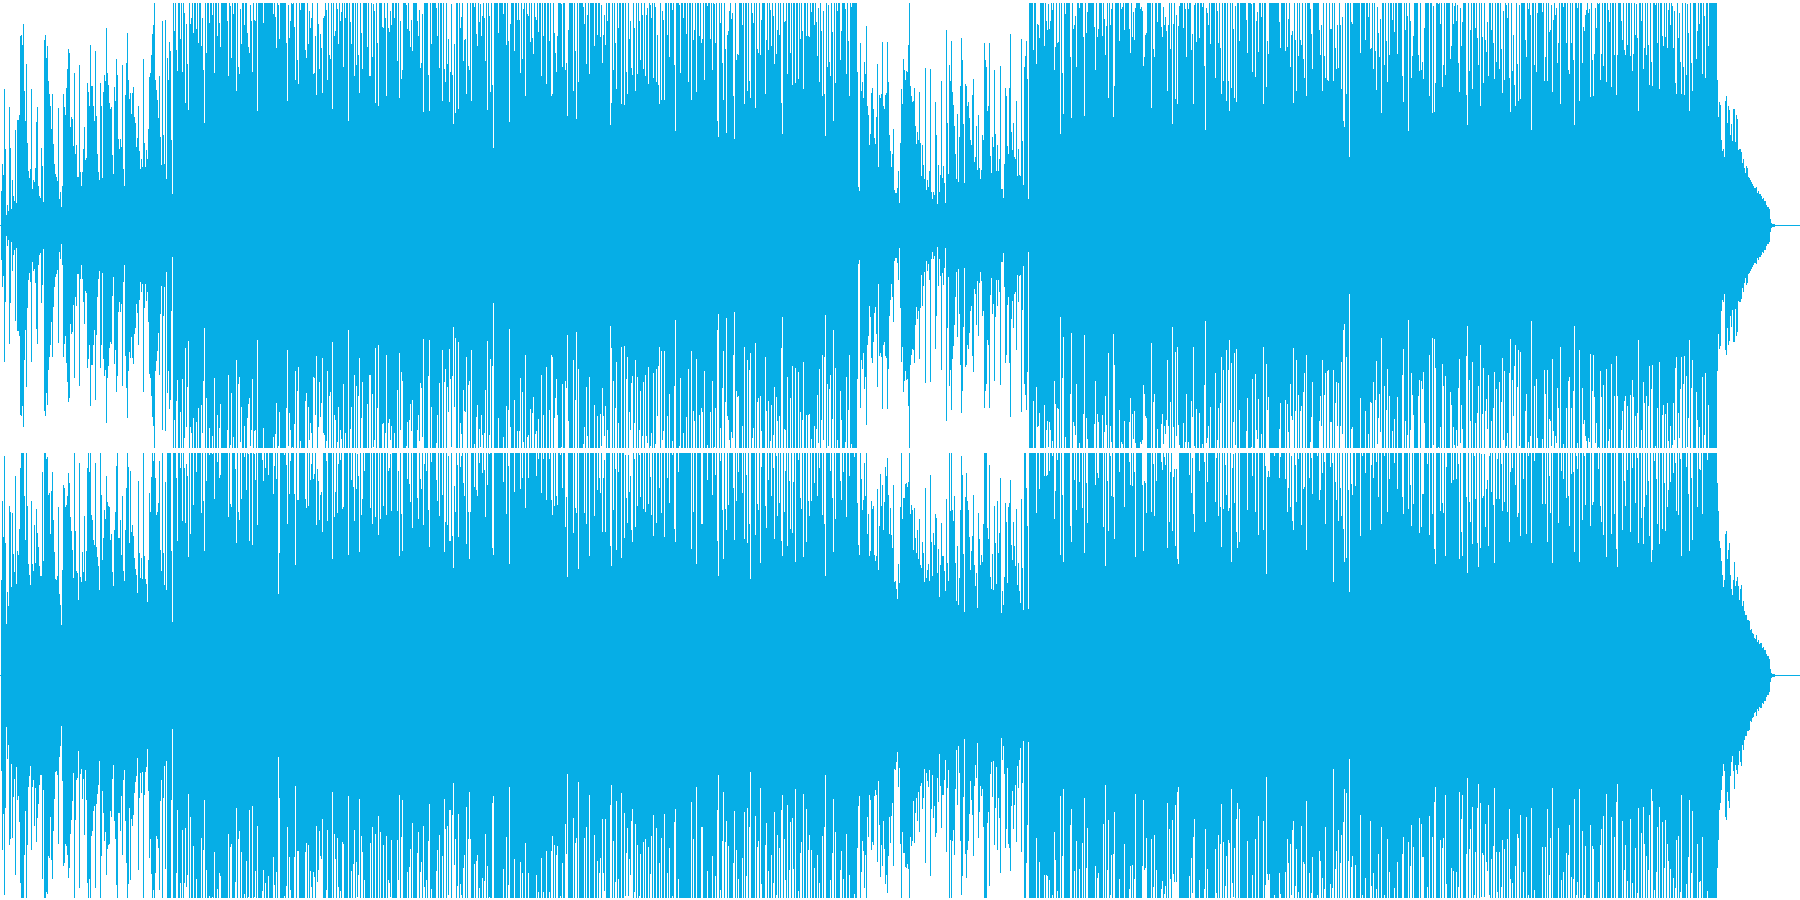 ゆったりフレーズが心地よいカントリー楽曲の再生済みの波形